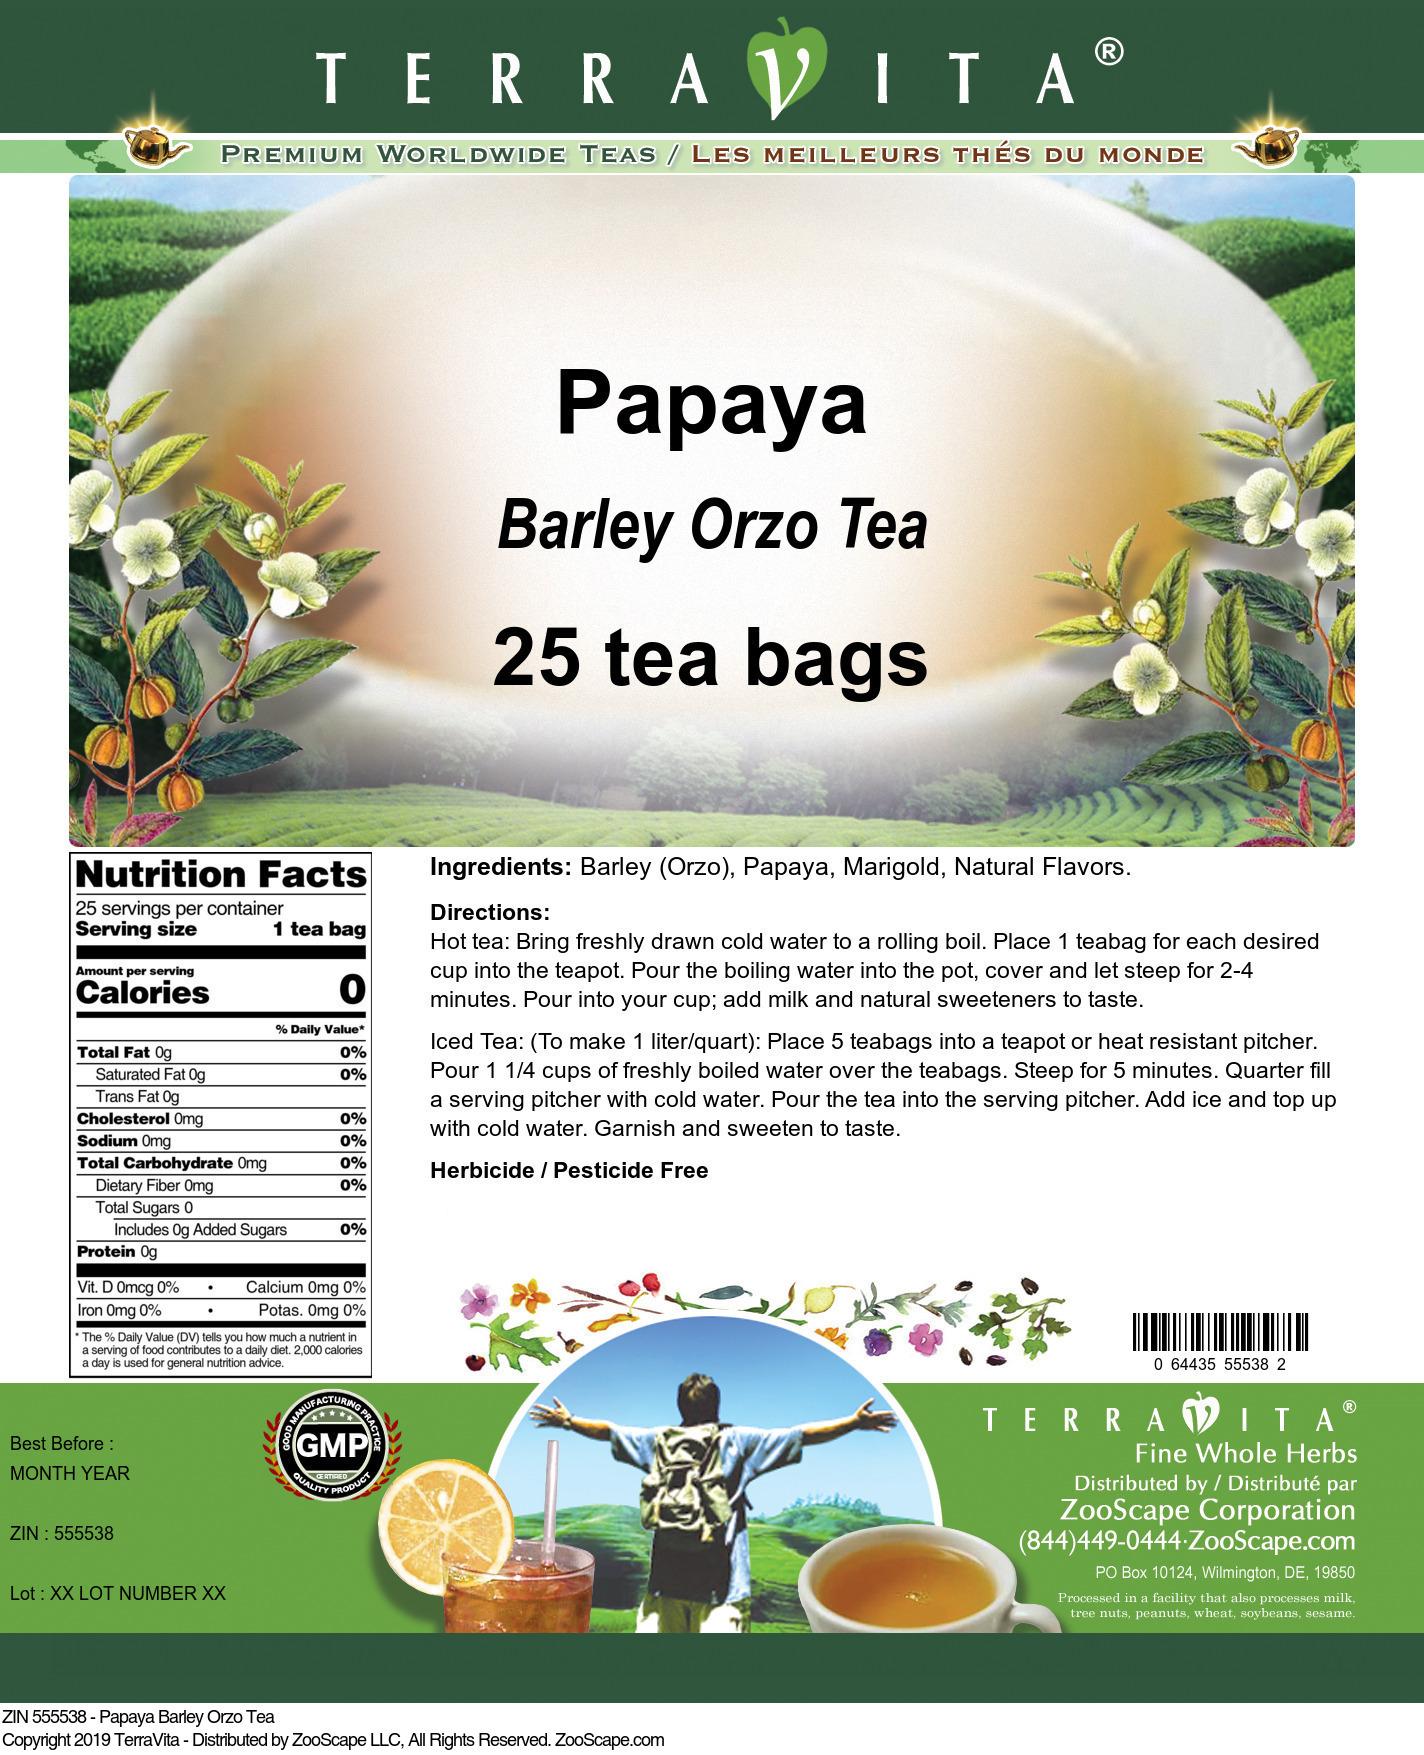 Papaya Barley Orzo